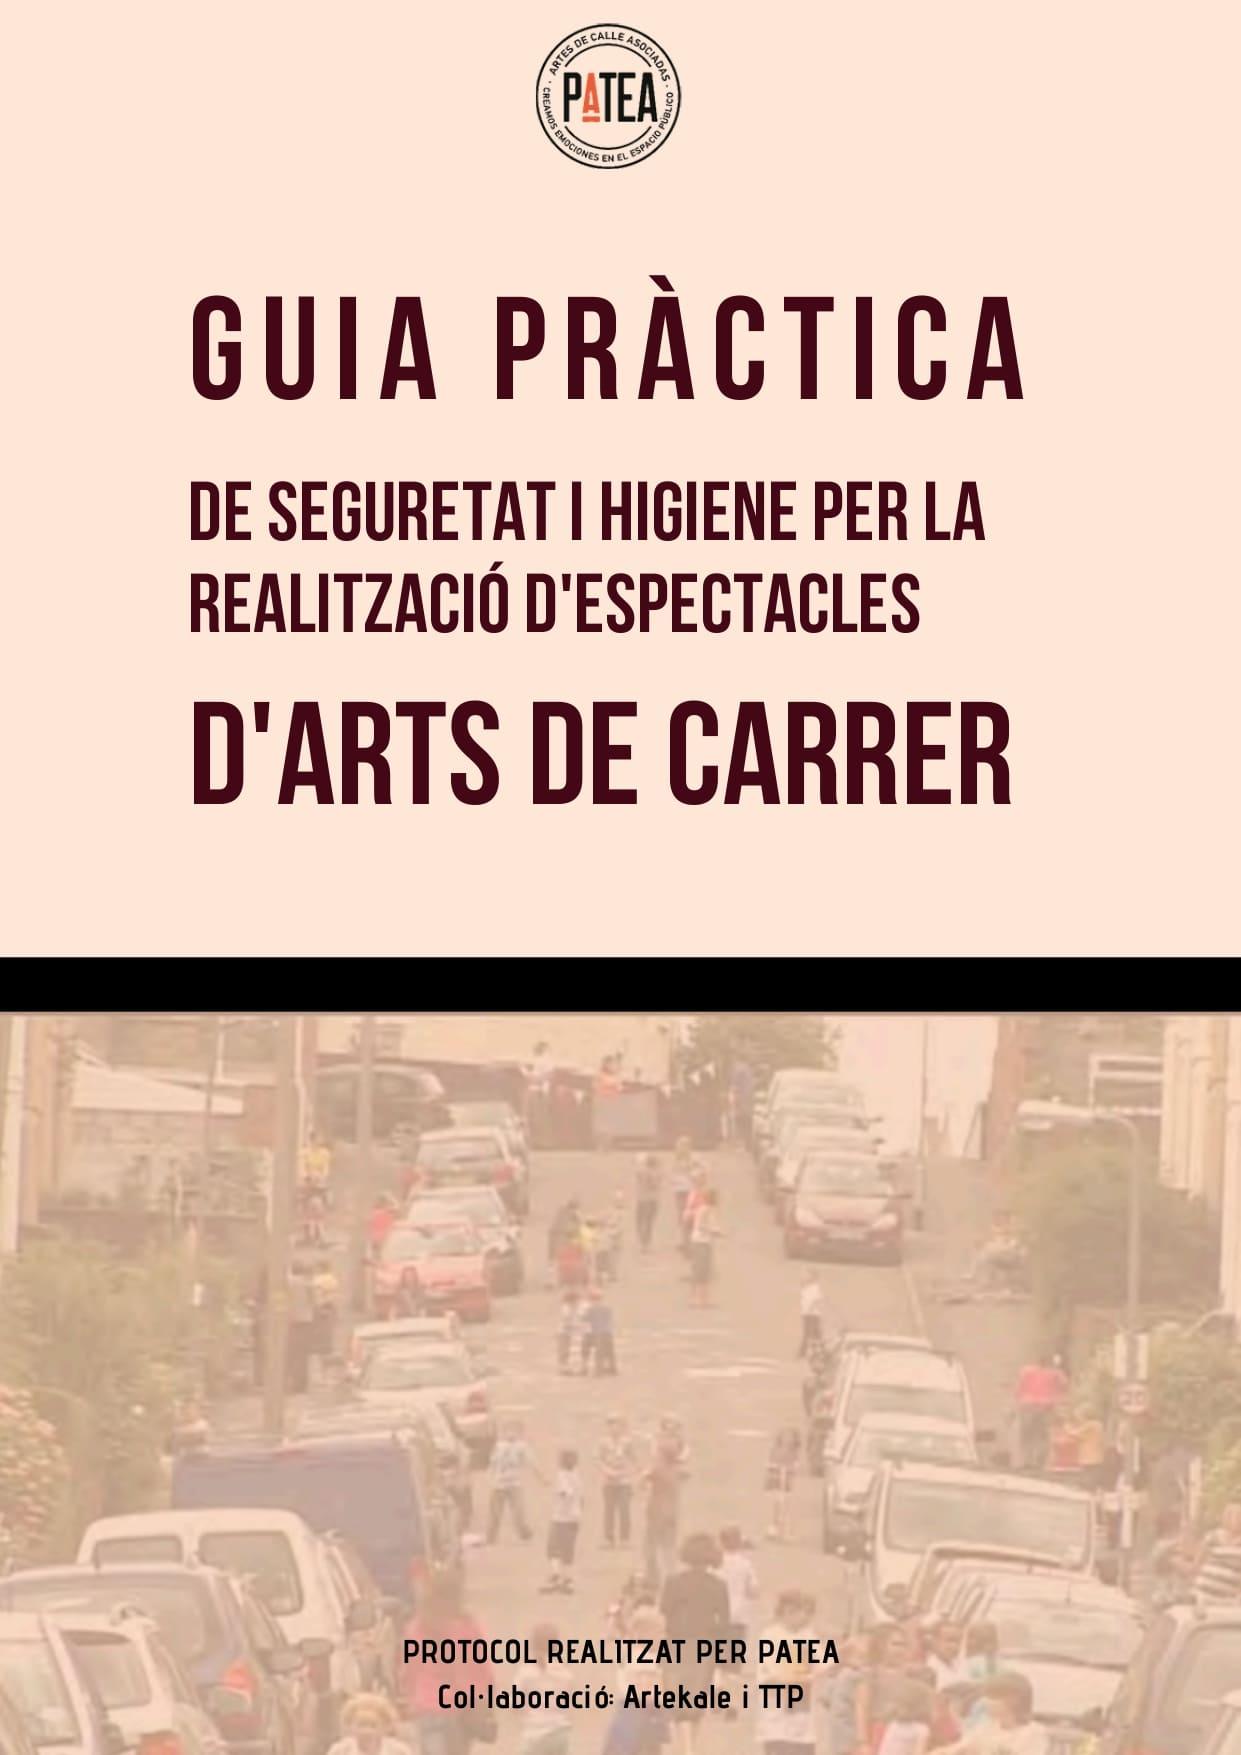 DOCUMENT: Guía Pràctica de seguretat i higiene per la realització d'espectacles d'Arts de Carrer.